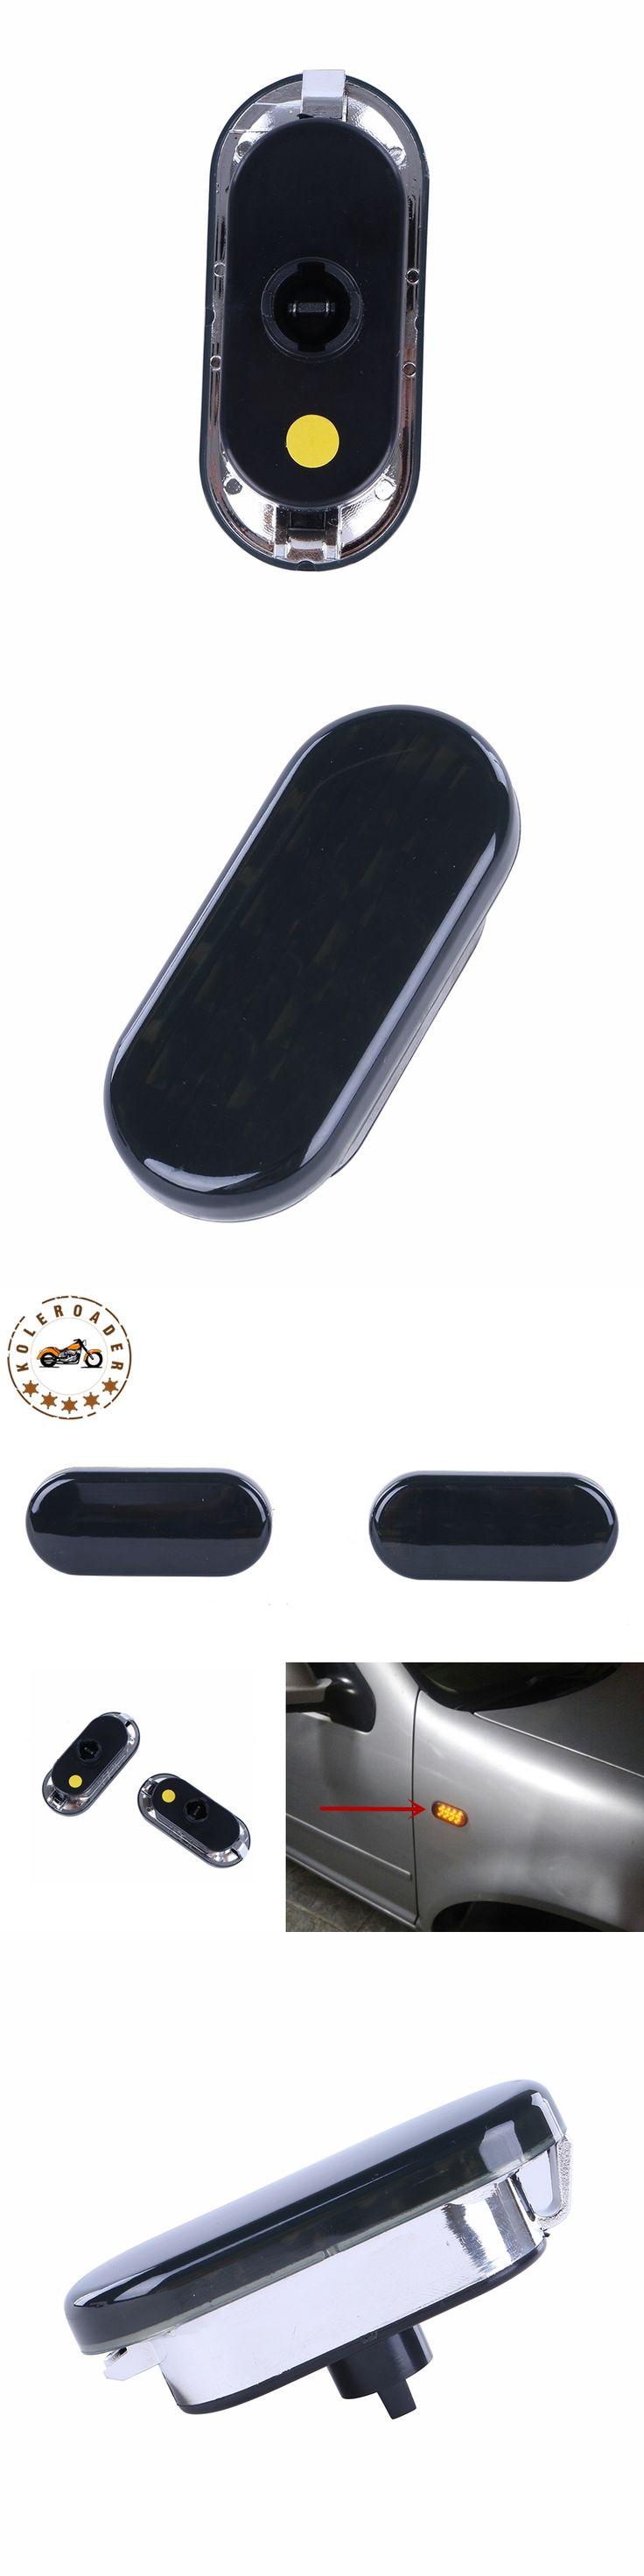 2x Amber Beetle LED Side Marker Light Turn Signal Lamp Smoked Lens For VW Jetta Golf Mk4 Passat B5 1999-2004 #976